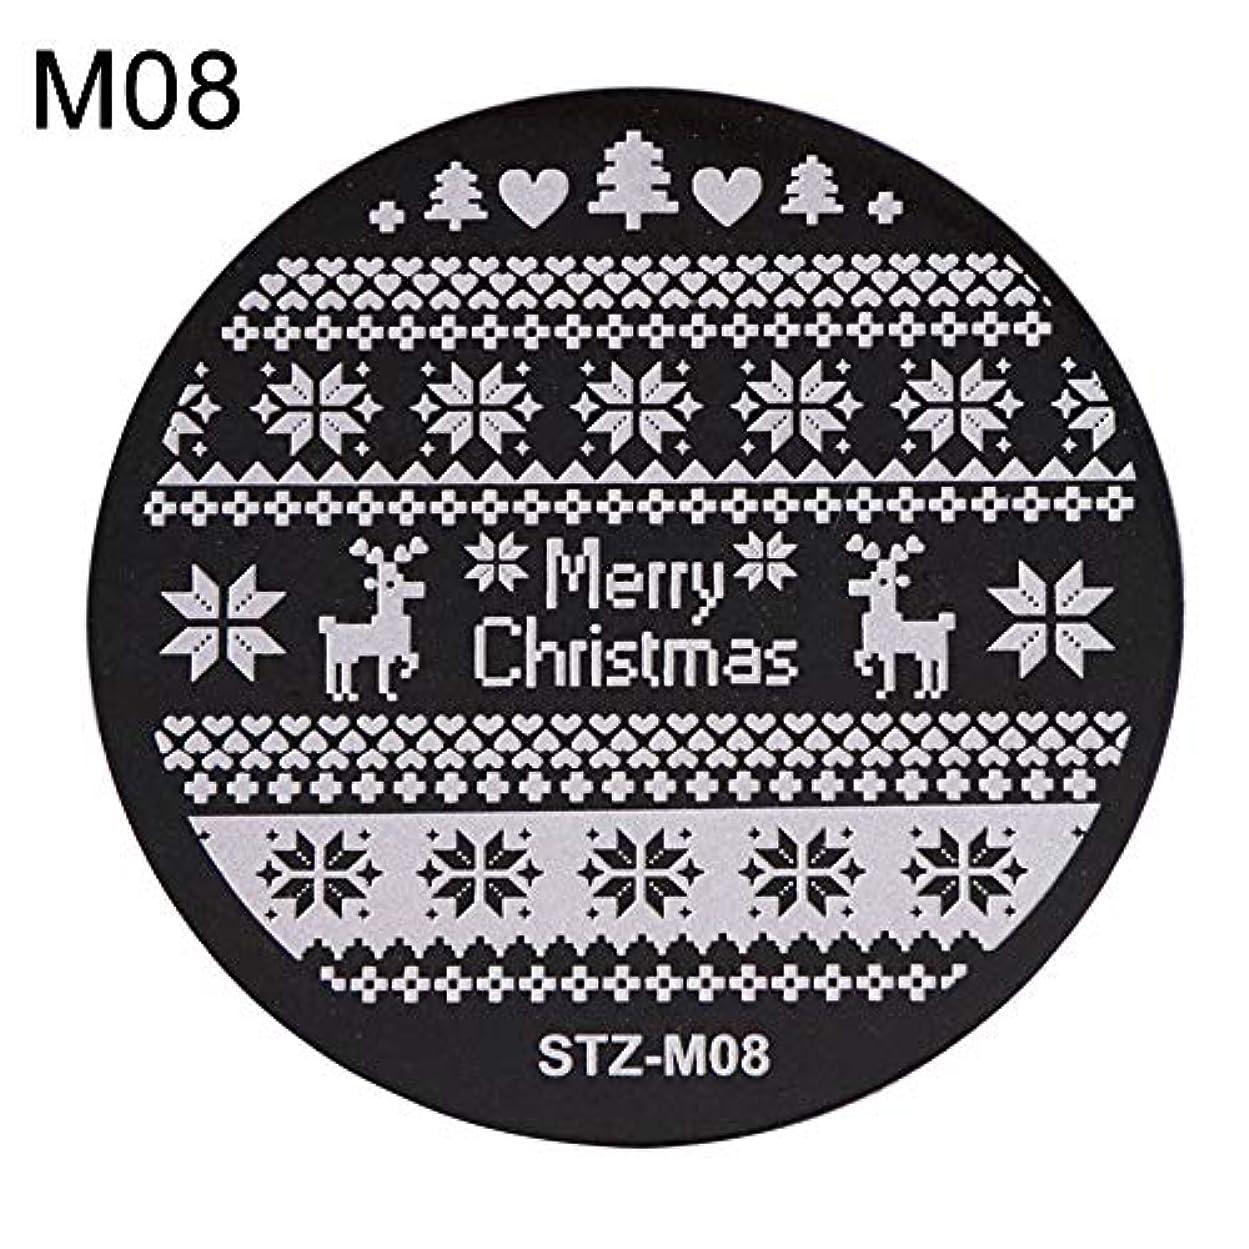 権限地球立ち向かうhamulekfae-クリスマススノーフレーク鹿の靴ネイルスタンピングプレートスタンプイメージテンプレートの装飾8